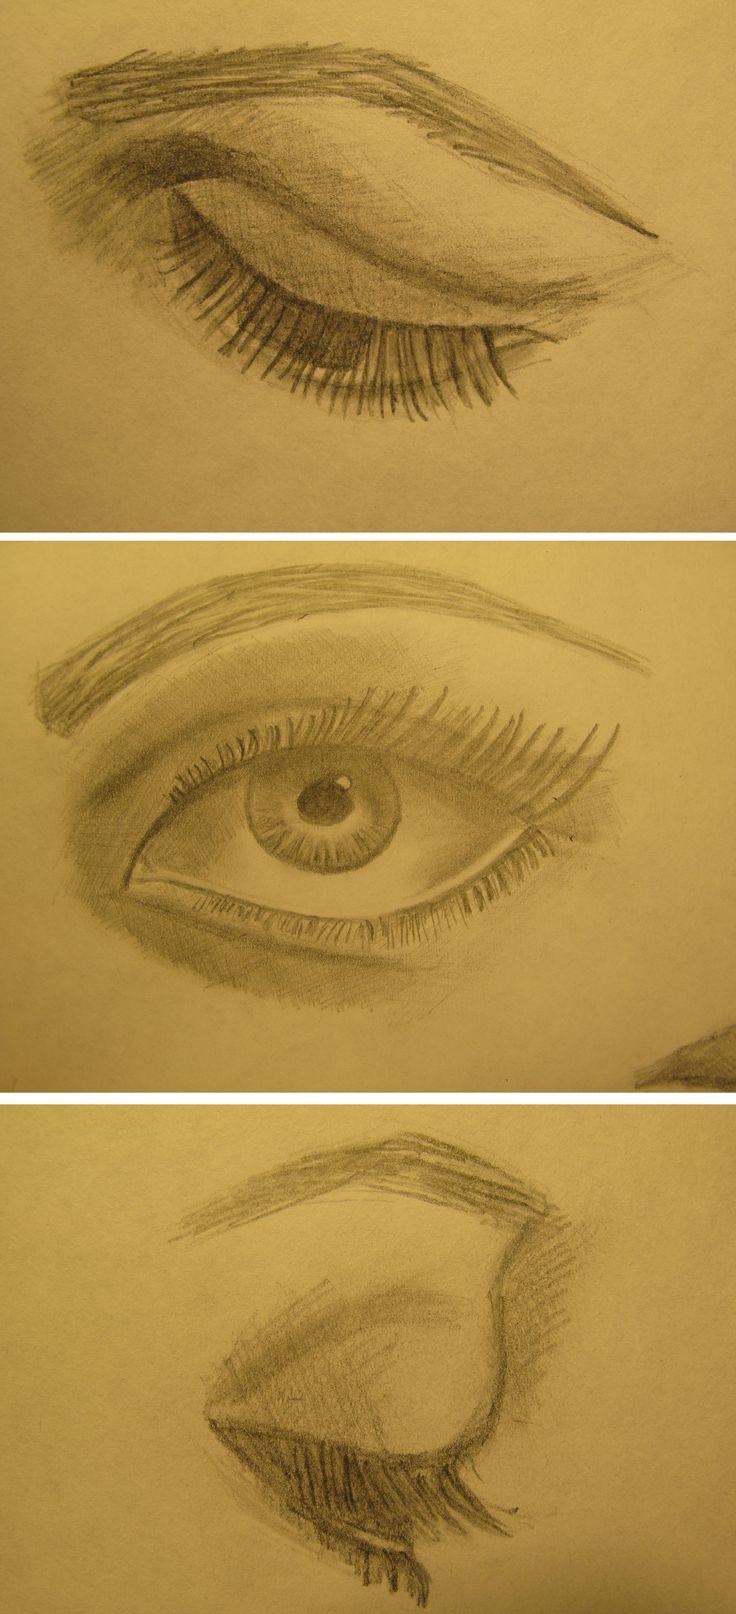 #drawing #pensil #eyes